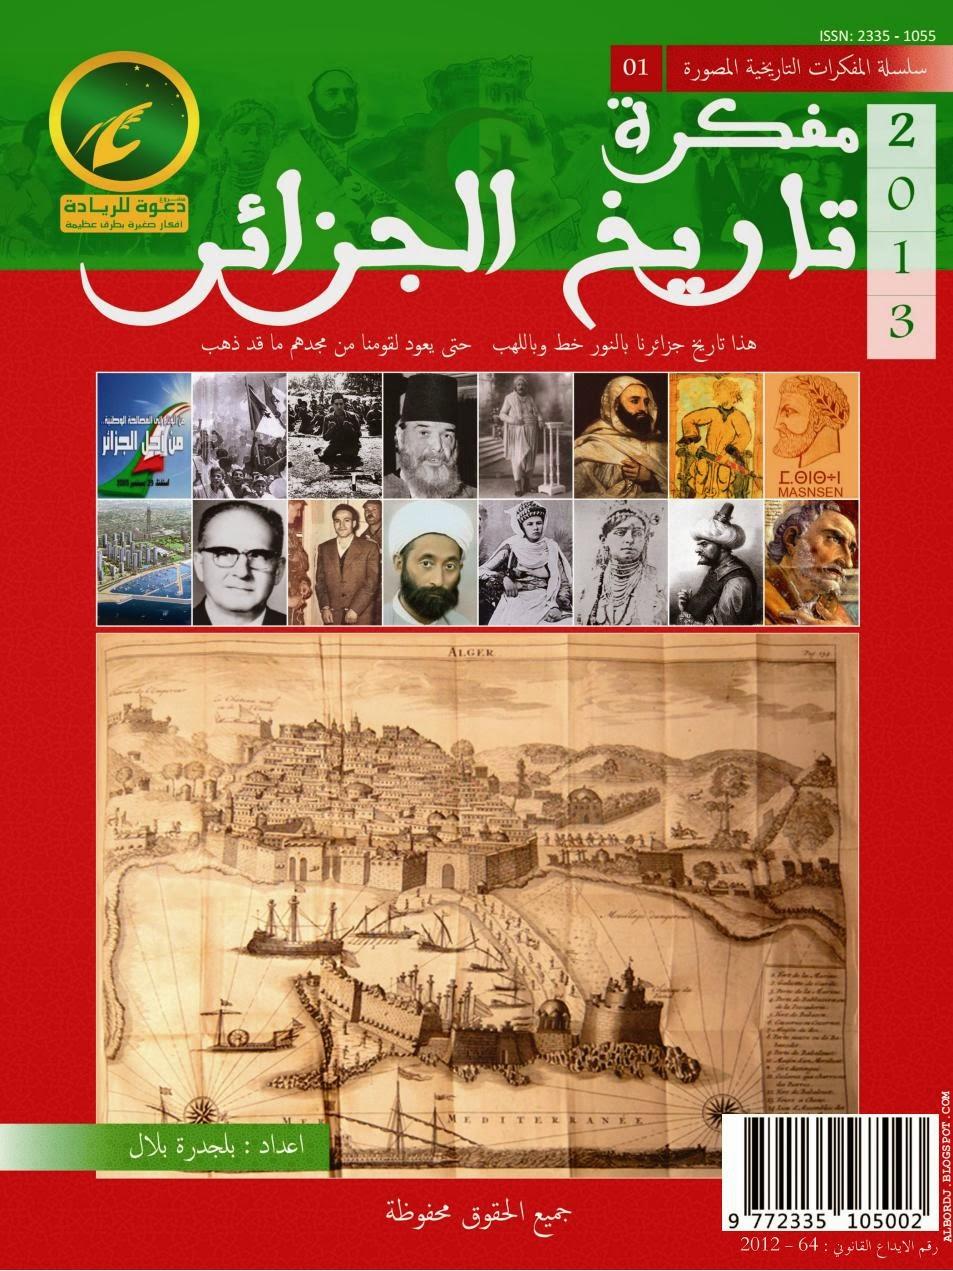 صور سلسله لاحداث تاريخية جزائرية